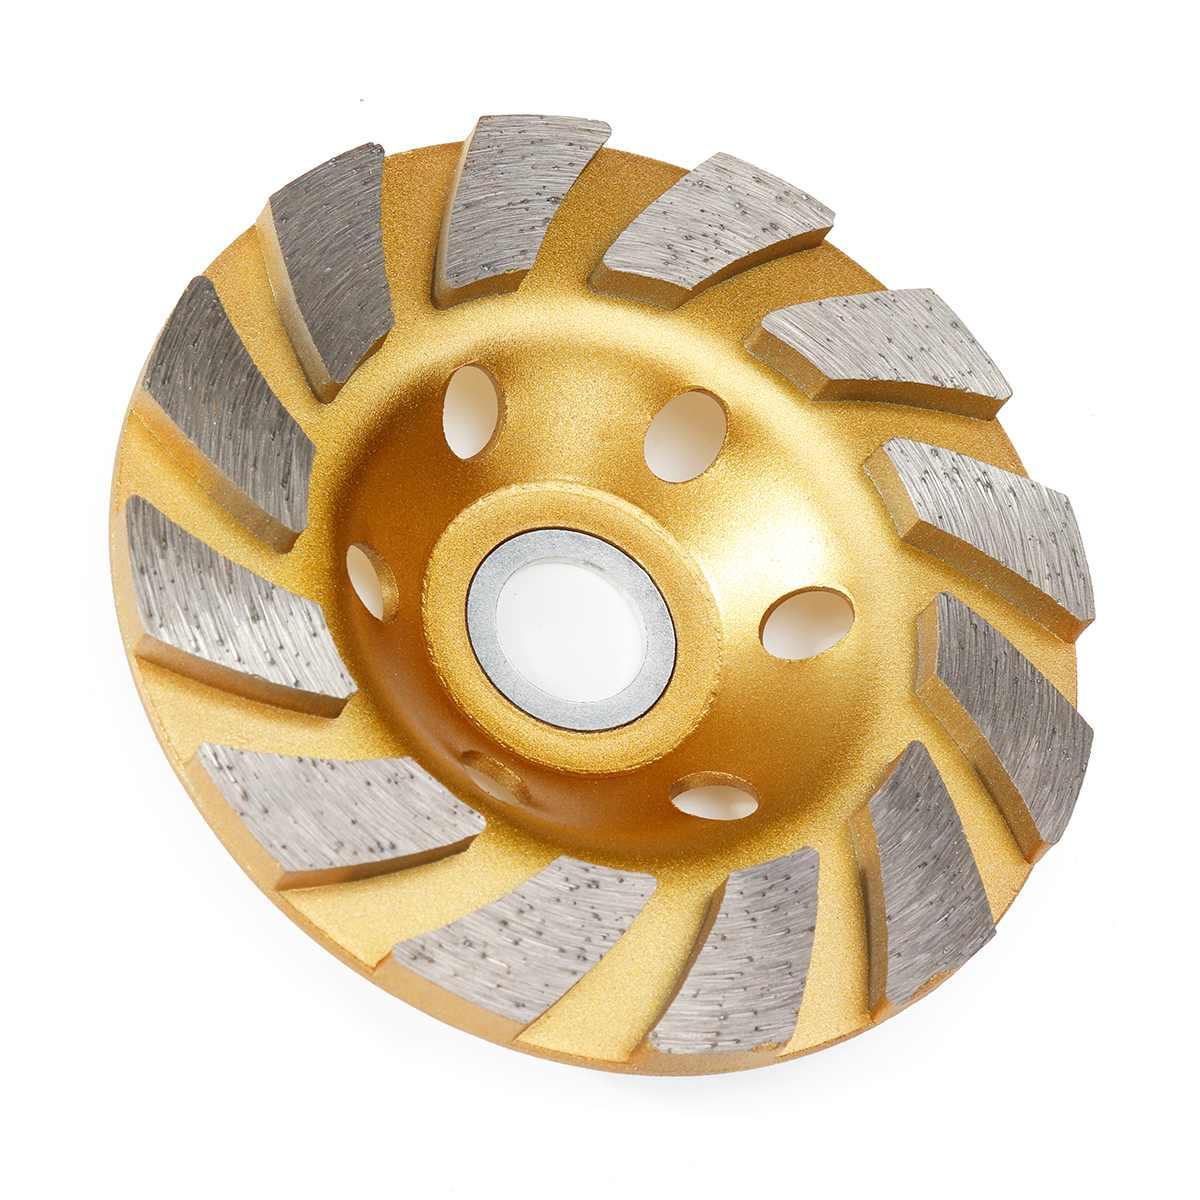 Прочный 5 Тип 4 дюйма 100 мм Алмазный шлифовальный диск шлифовка в форме чаши чашка бетонный гранитный камень Керамика инструменты